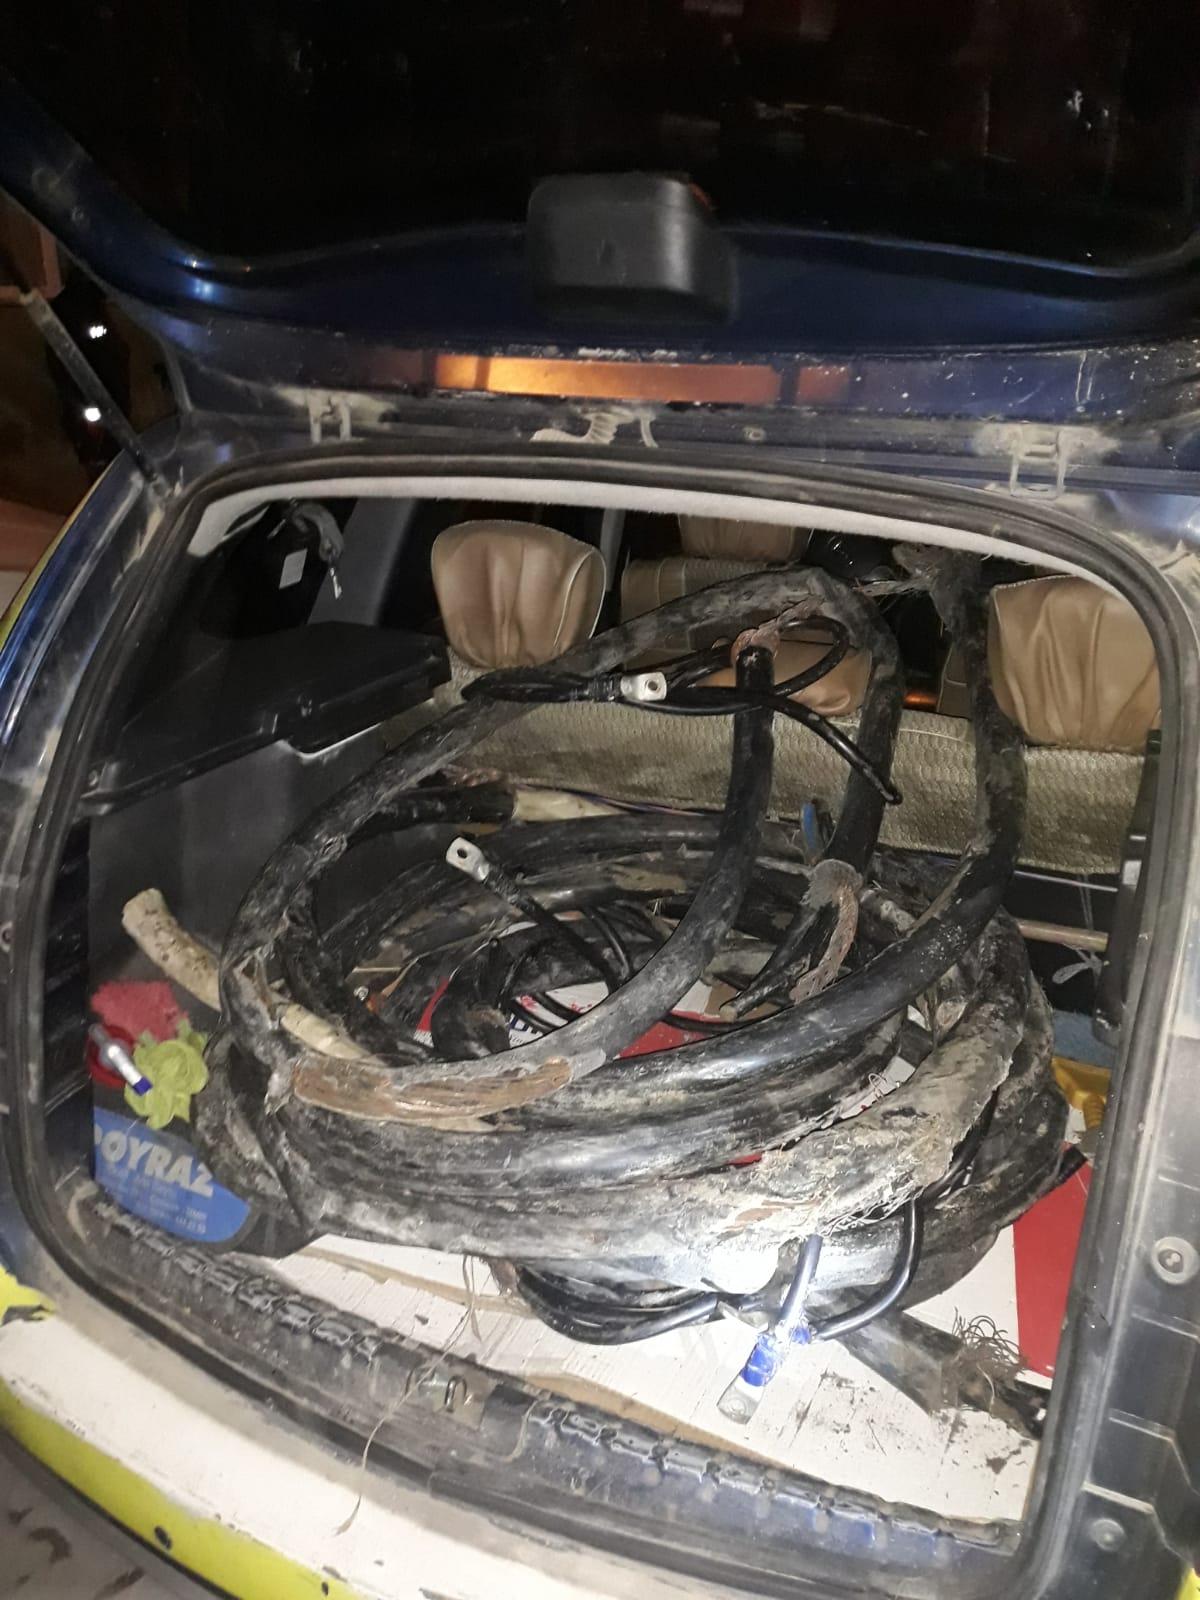 Ağrı'da hırsızlık şüphelisi 4 kişi gözaltına alındı